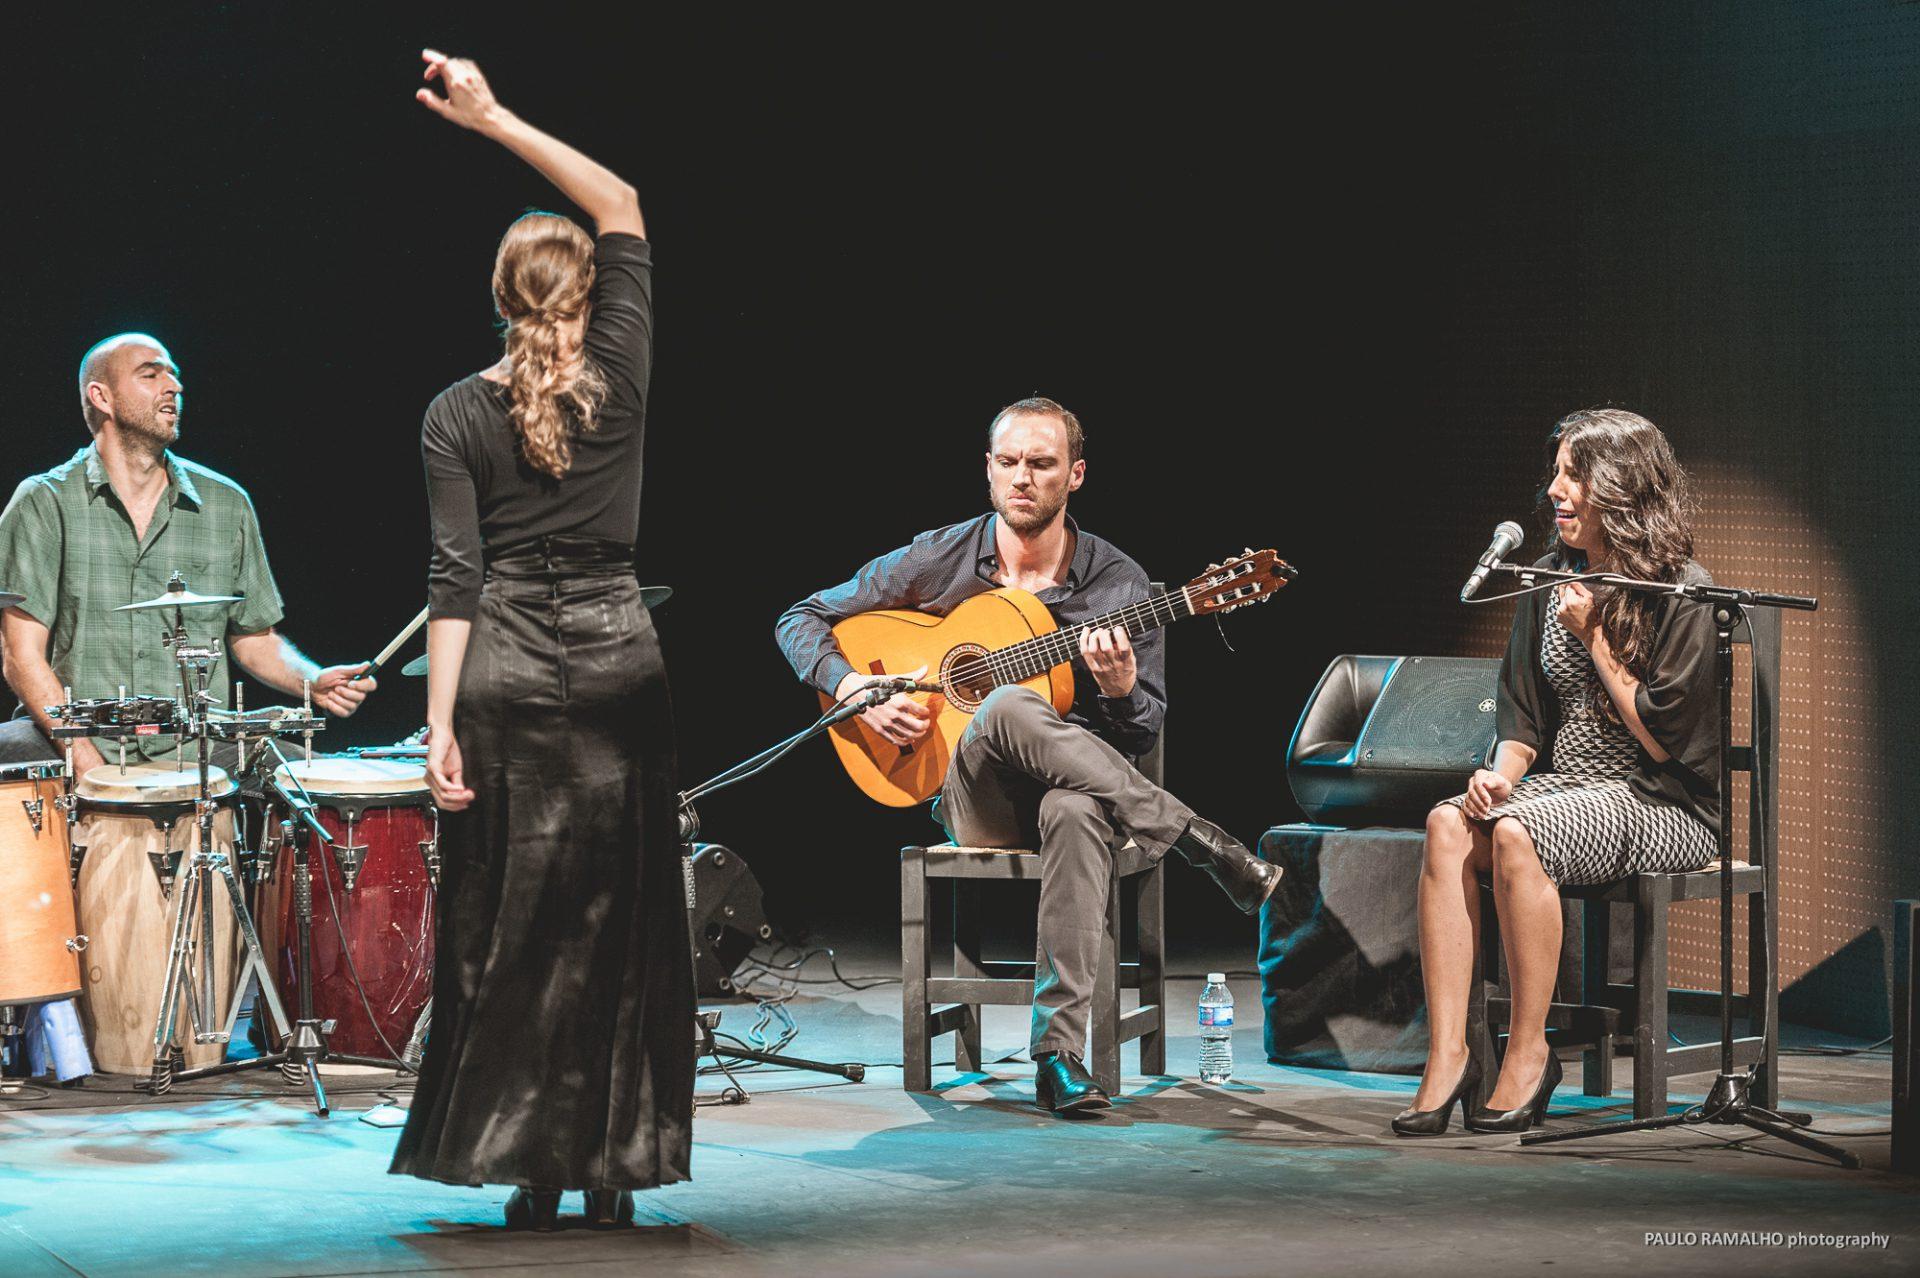 Reportaje fotográfico concierto CICUS Sevilla | pauloramalho.com